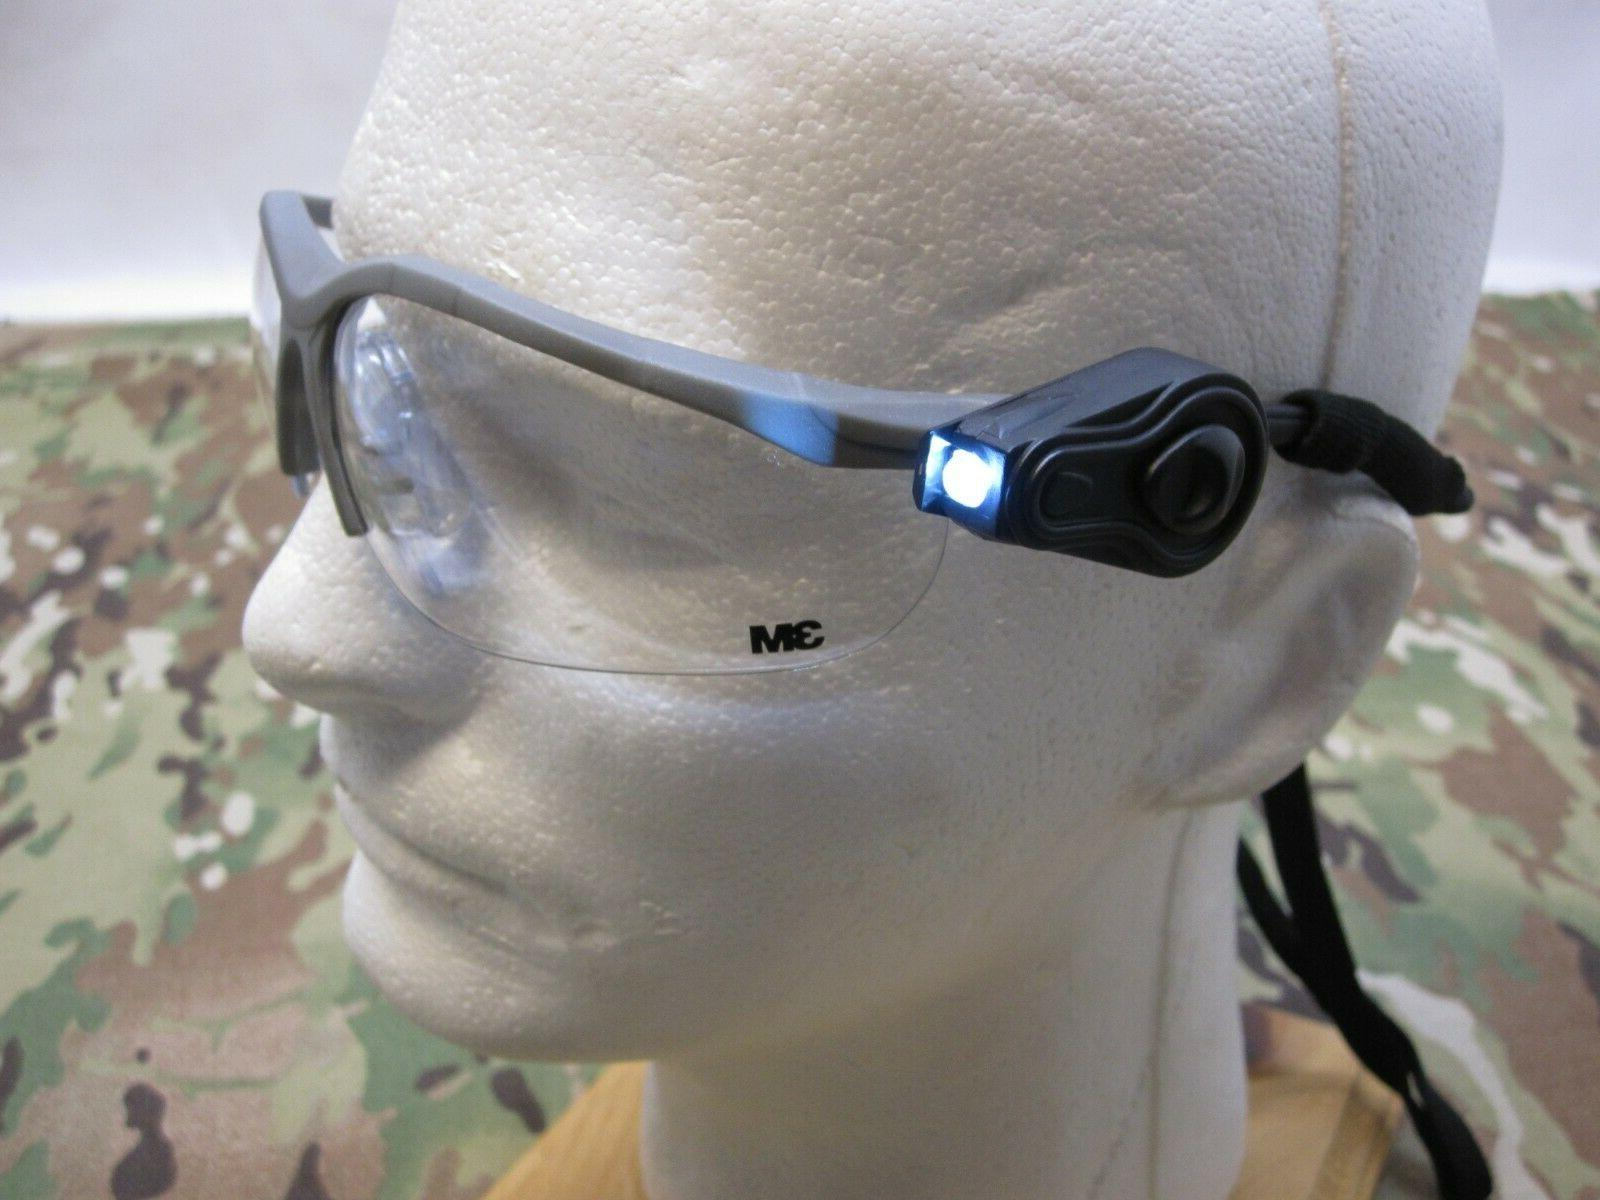 3M SAFETY LED FLASHLIGHTS EYEWEAR